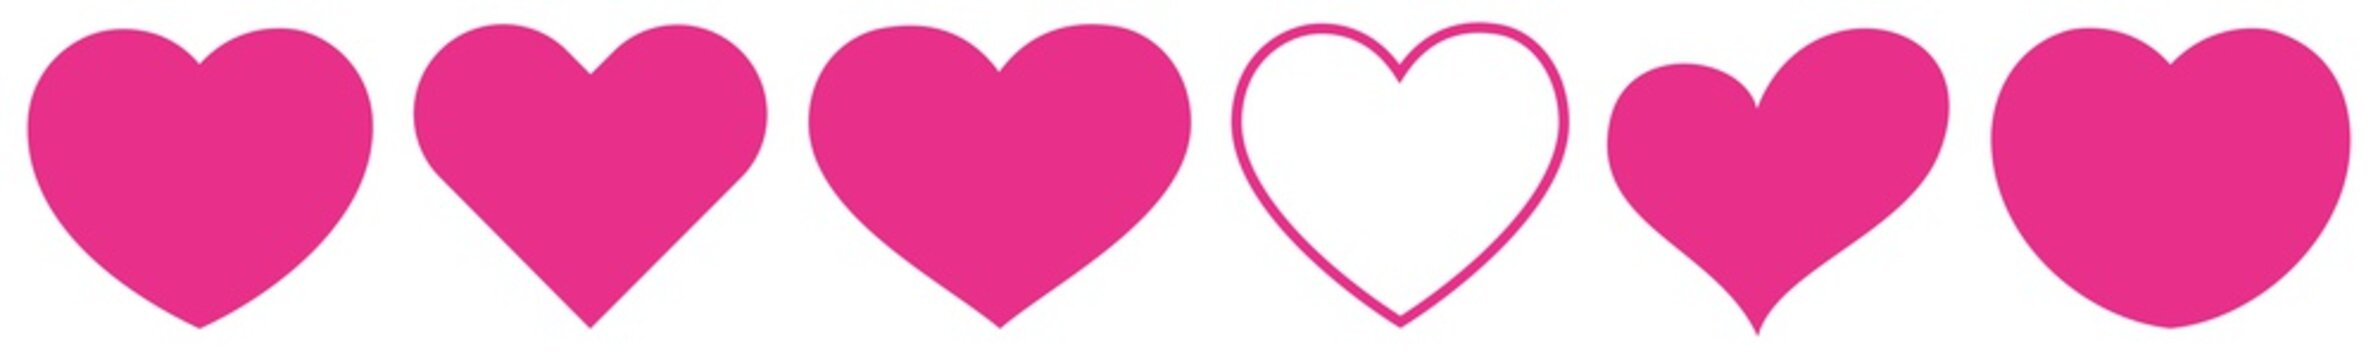 Heart Pink   Love   Logo   Variations